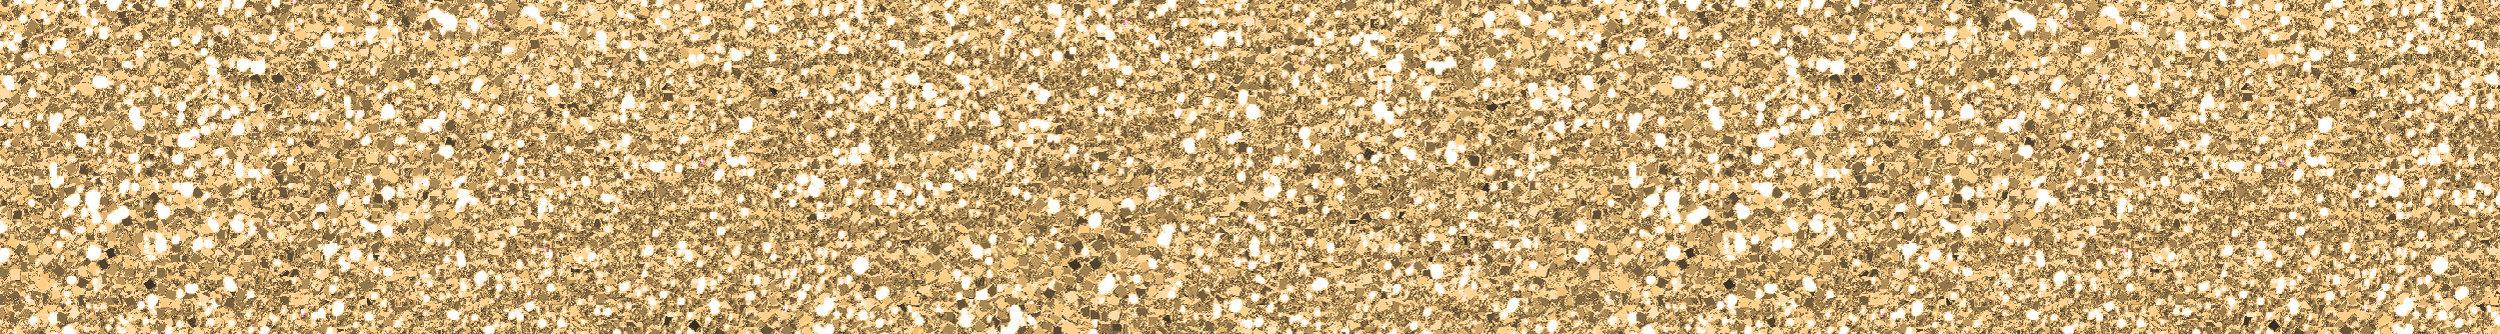 glitter-11.jpg